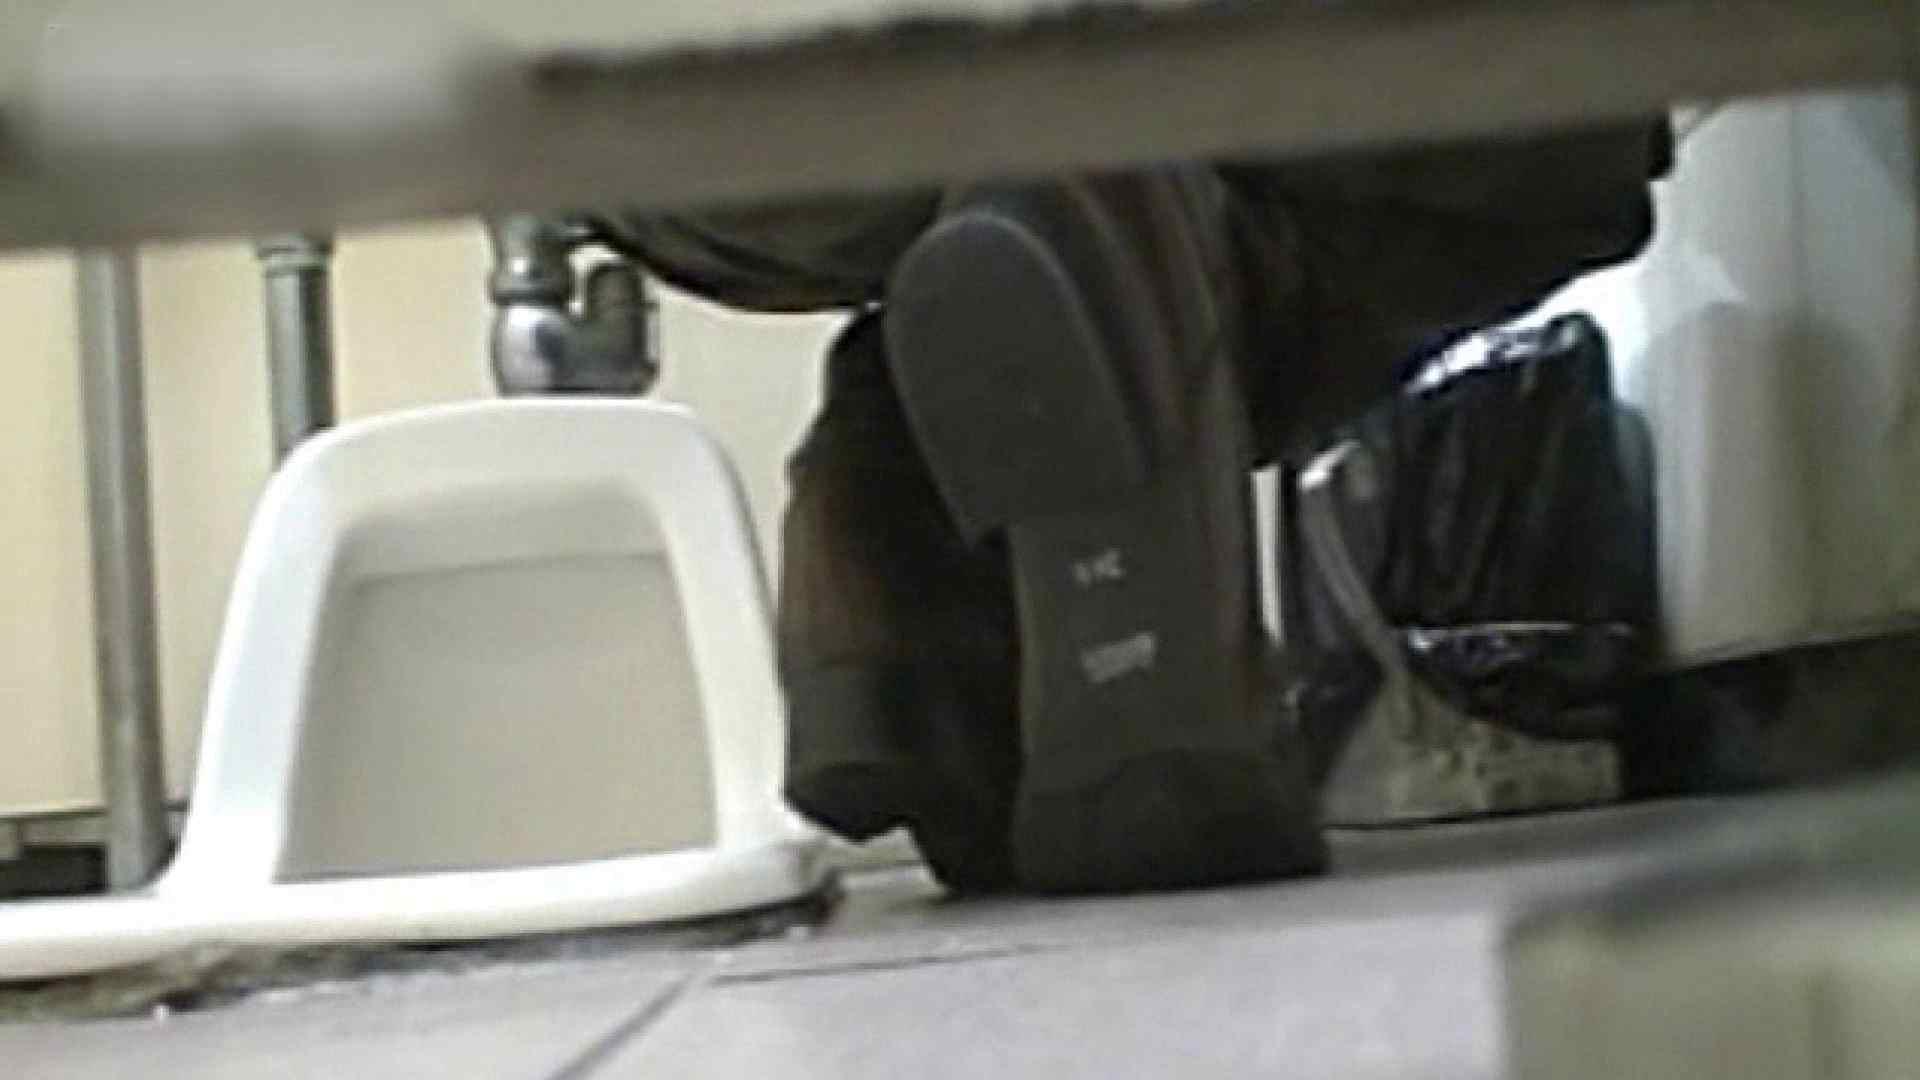 ロックハンドさんの盗撮記録File.59 厠隠し撮り のぞき動画画像 96pic 37